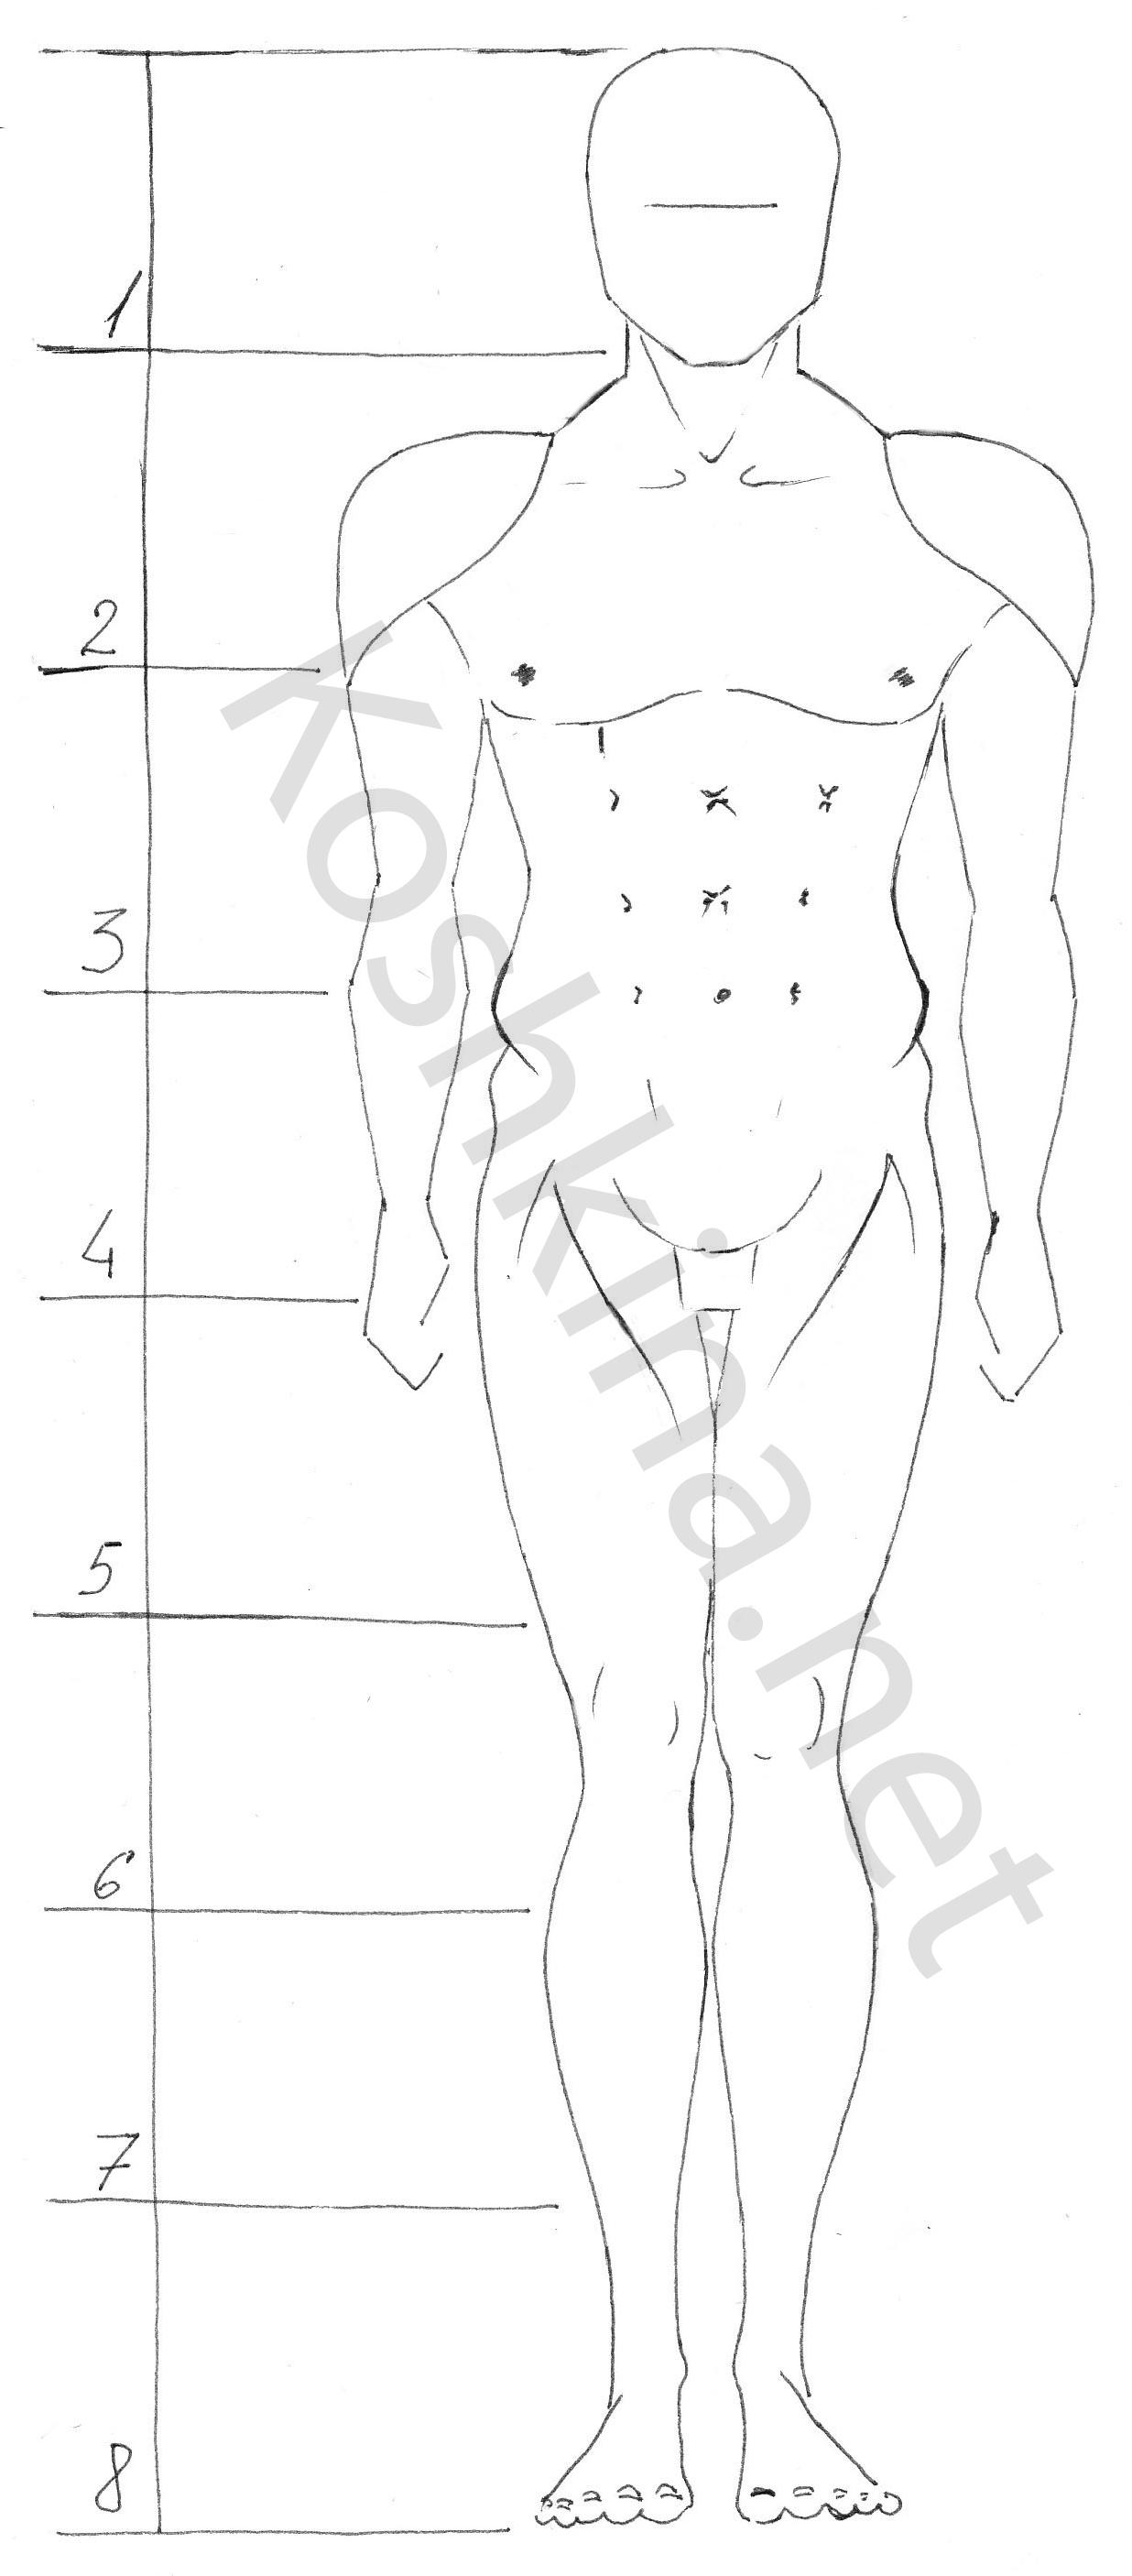 как правильно рисовать тело человека: